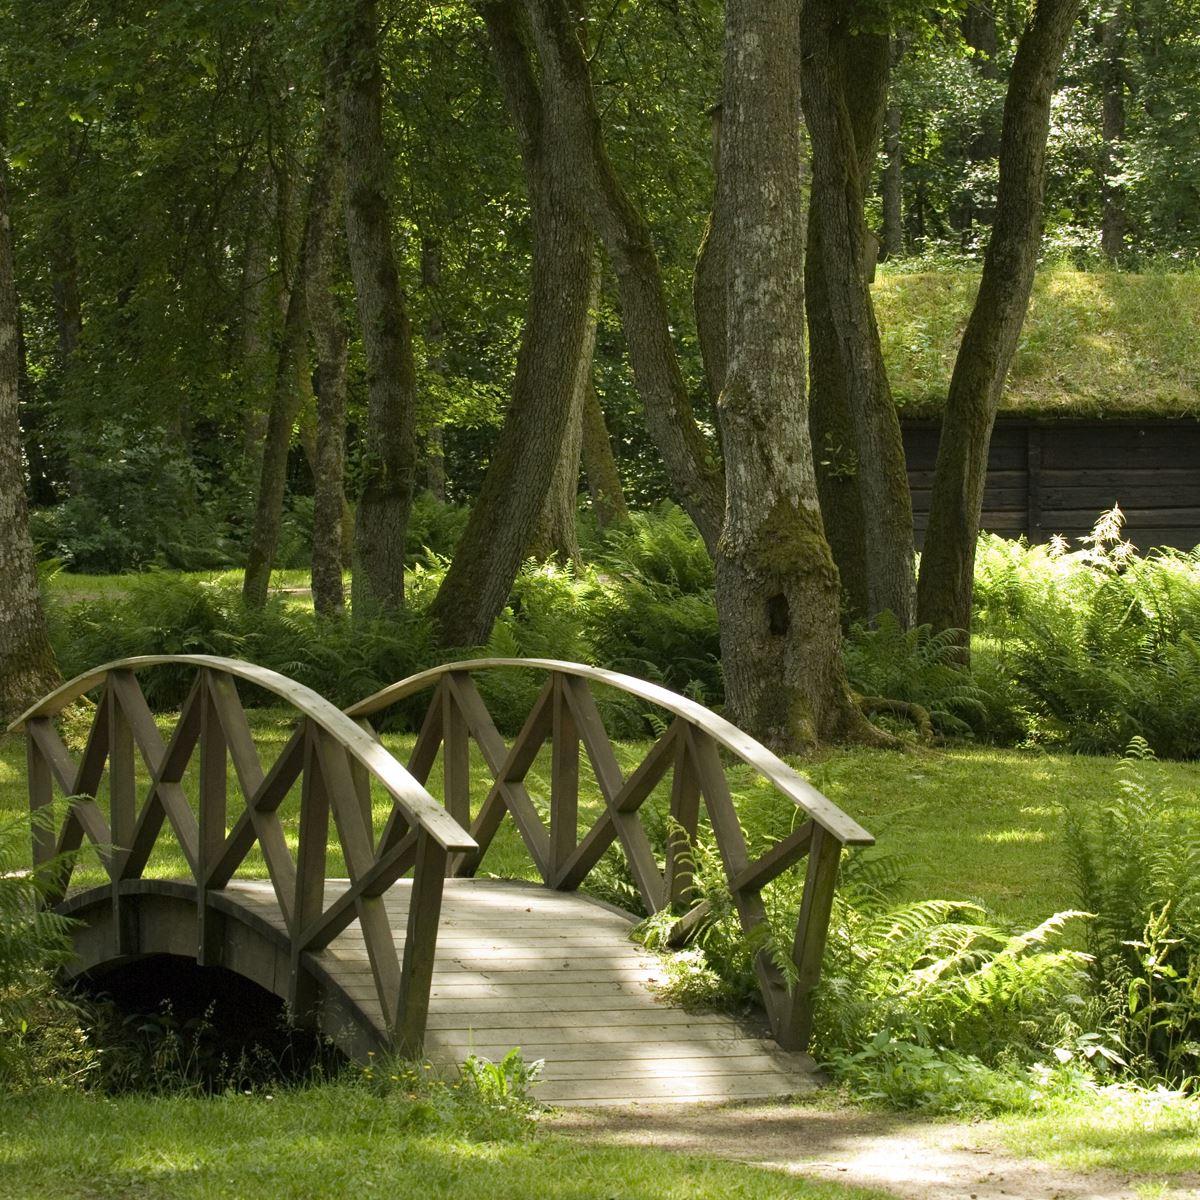 Apladalen natur- och hembygdspark